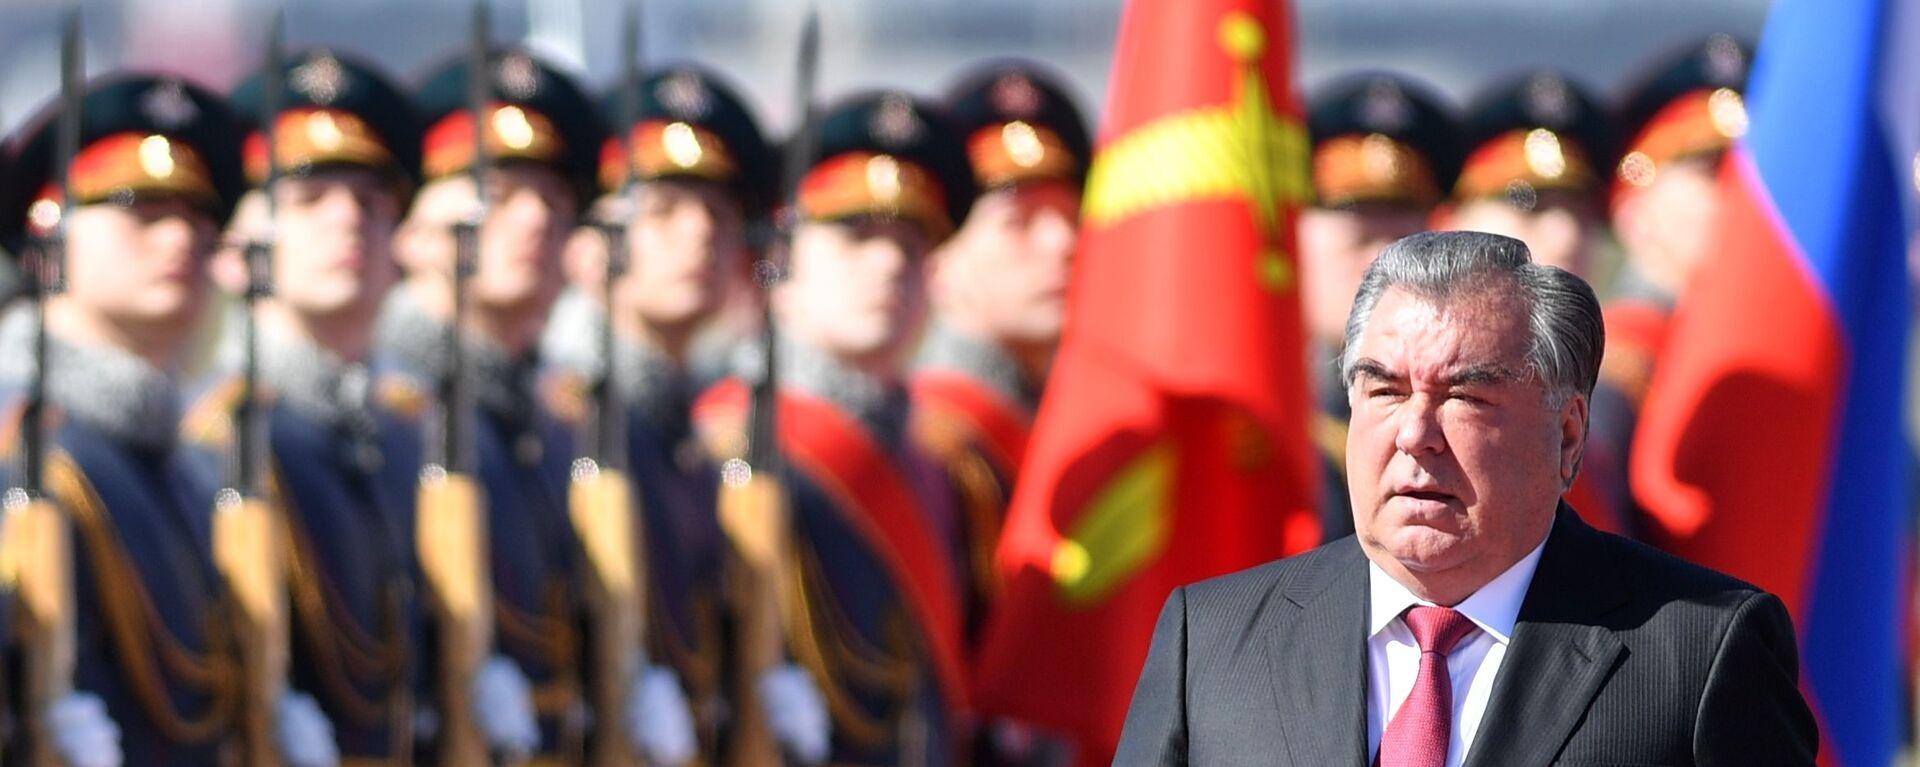 Прилет президента Таджикистана Эмомали Рахмона в Москву - Sputnik Таджикистан, 1920, 05.05.2021